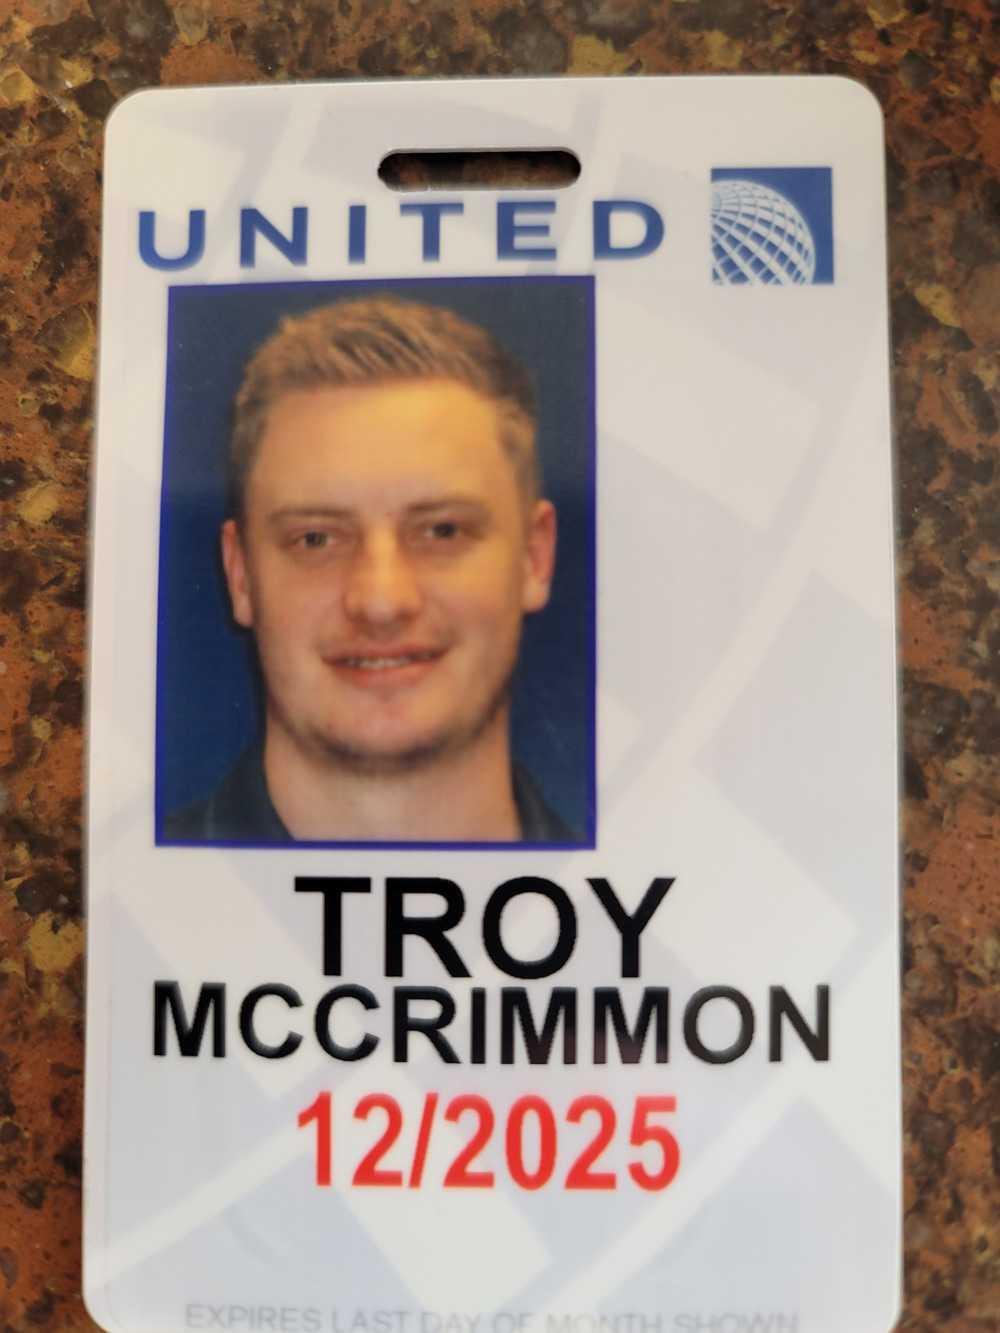 Troy McCrimmon